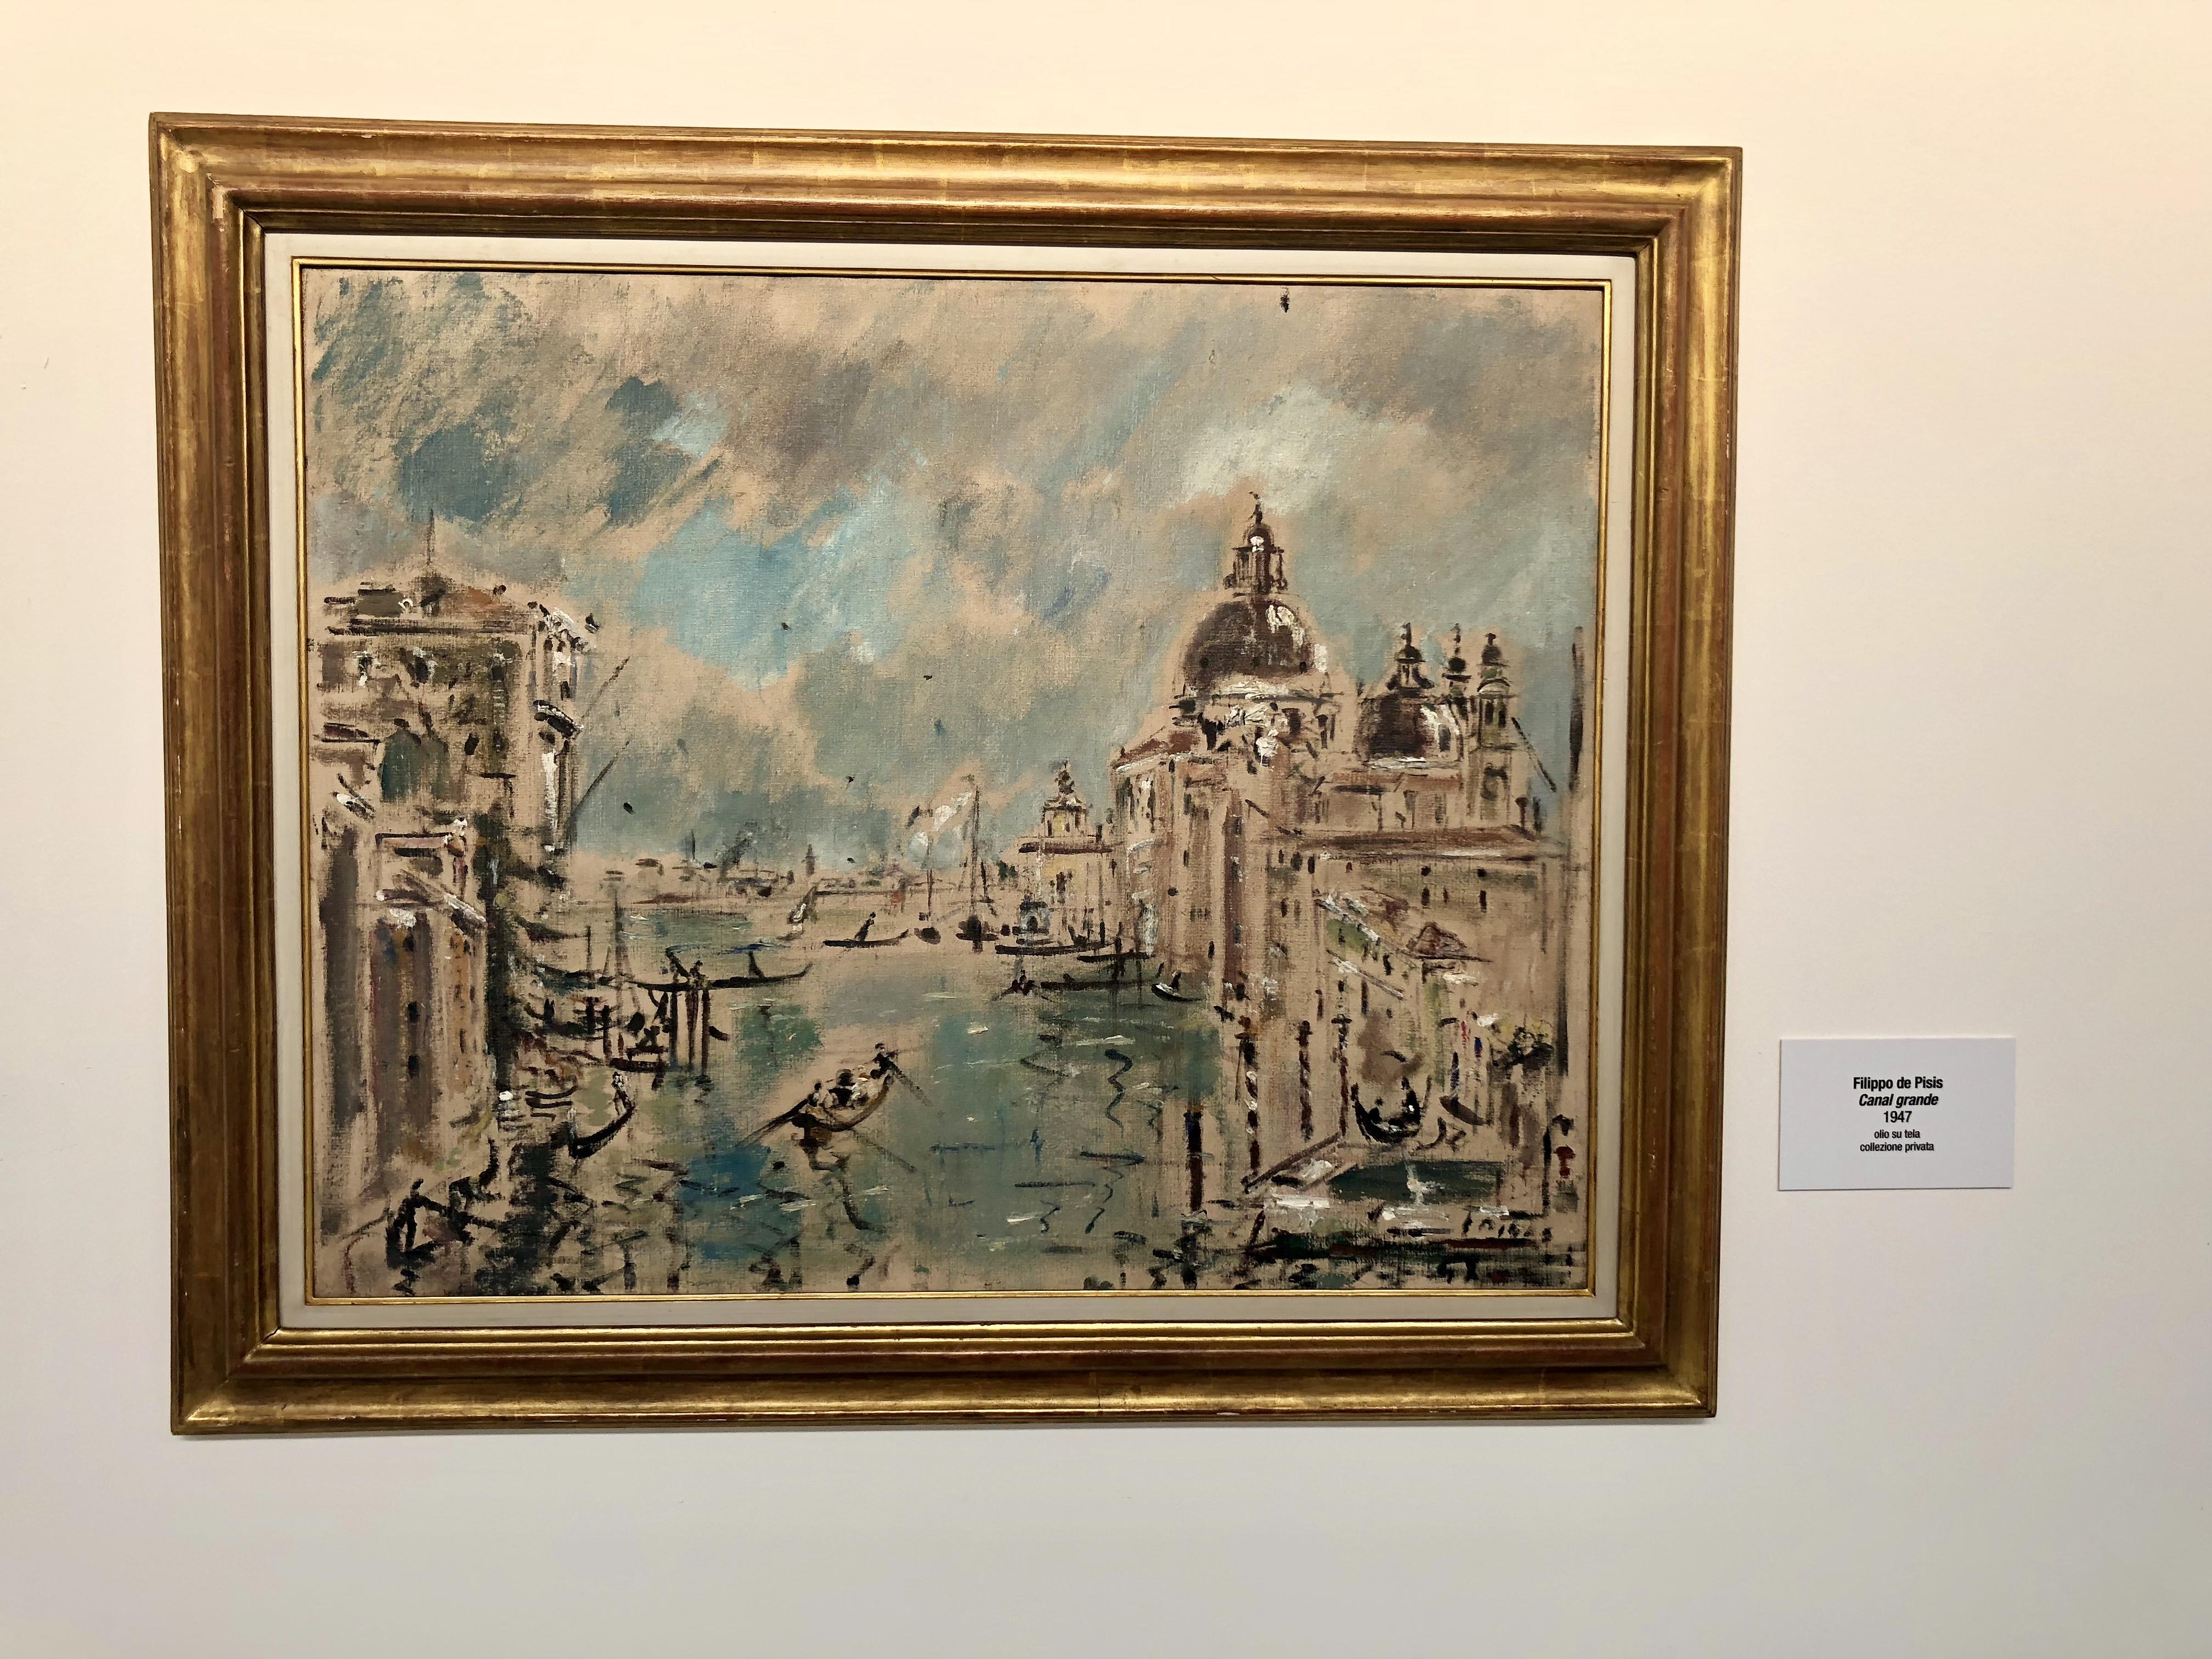 TalentiEventi_Filippo_De_Pisis_Eclettico_connoisseur_fra pittura_ musica_e_poesia_Museo_Ettore_Fico_49